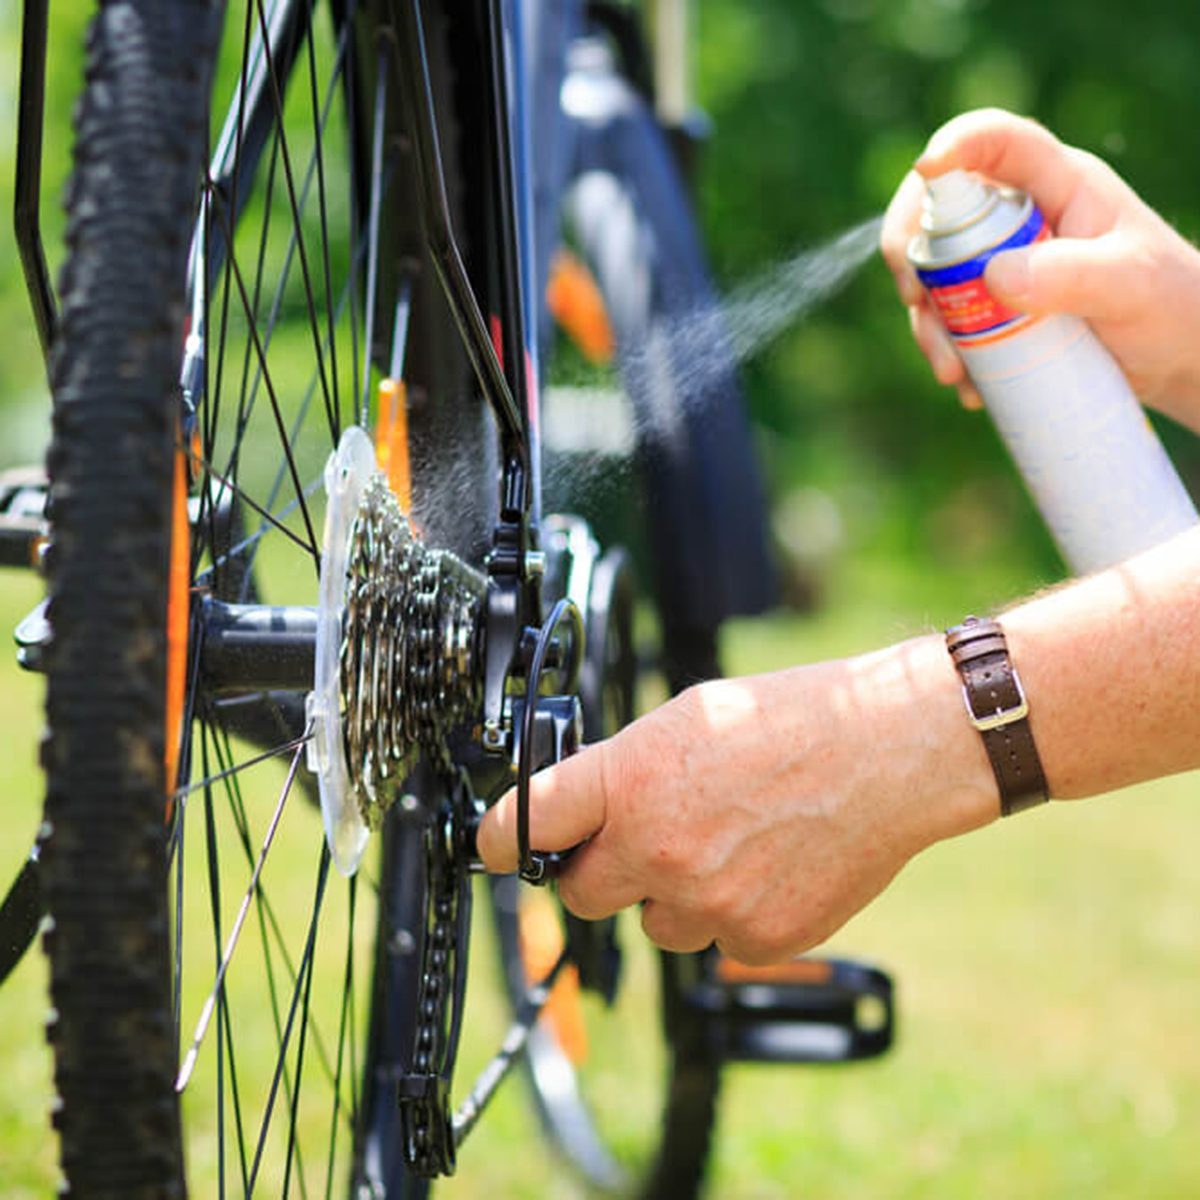 Man spraying oil on bike